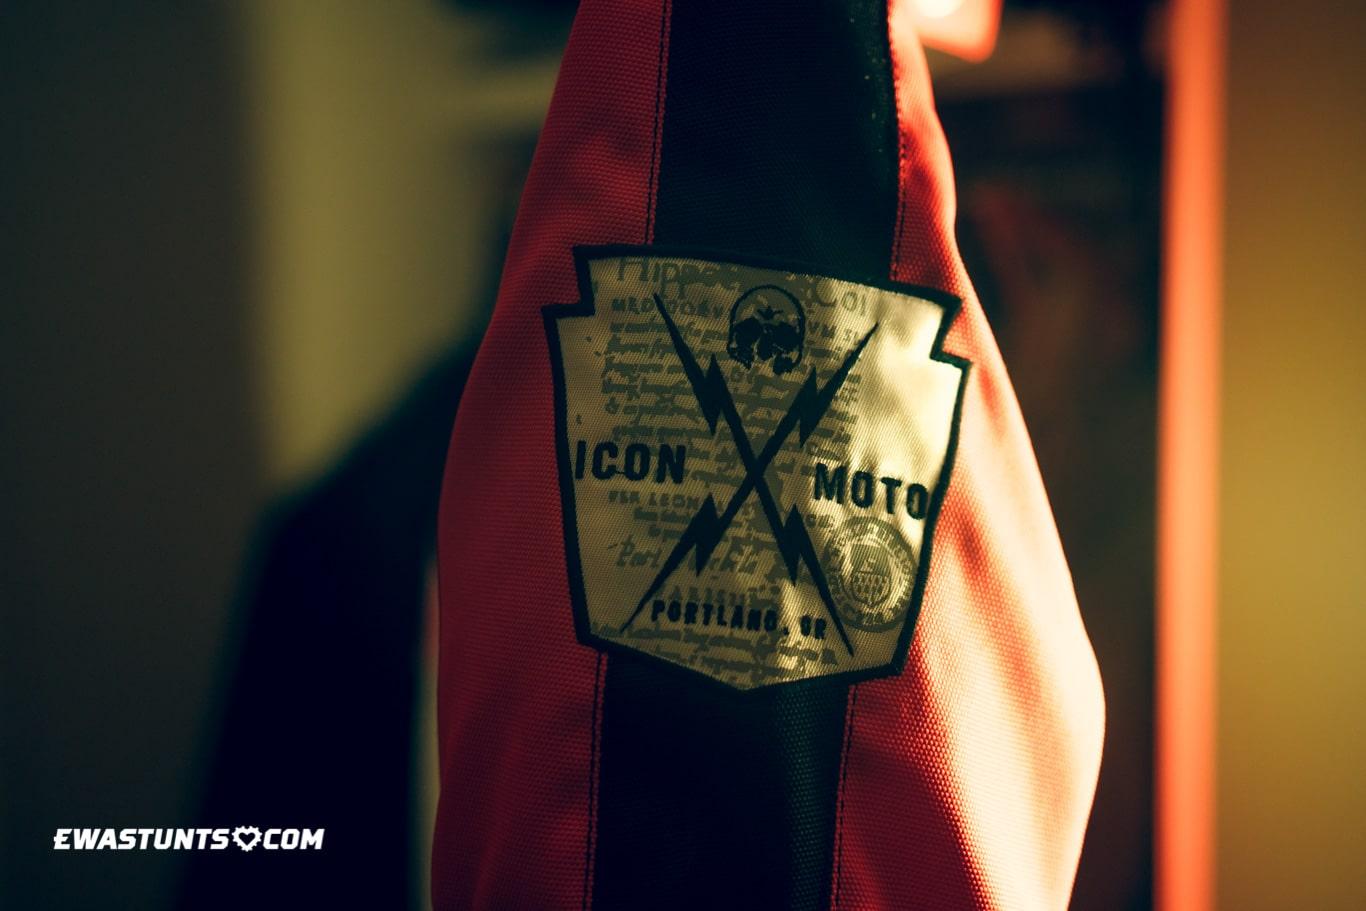 ewastunts_icon_jacket-12